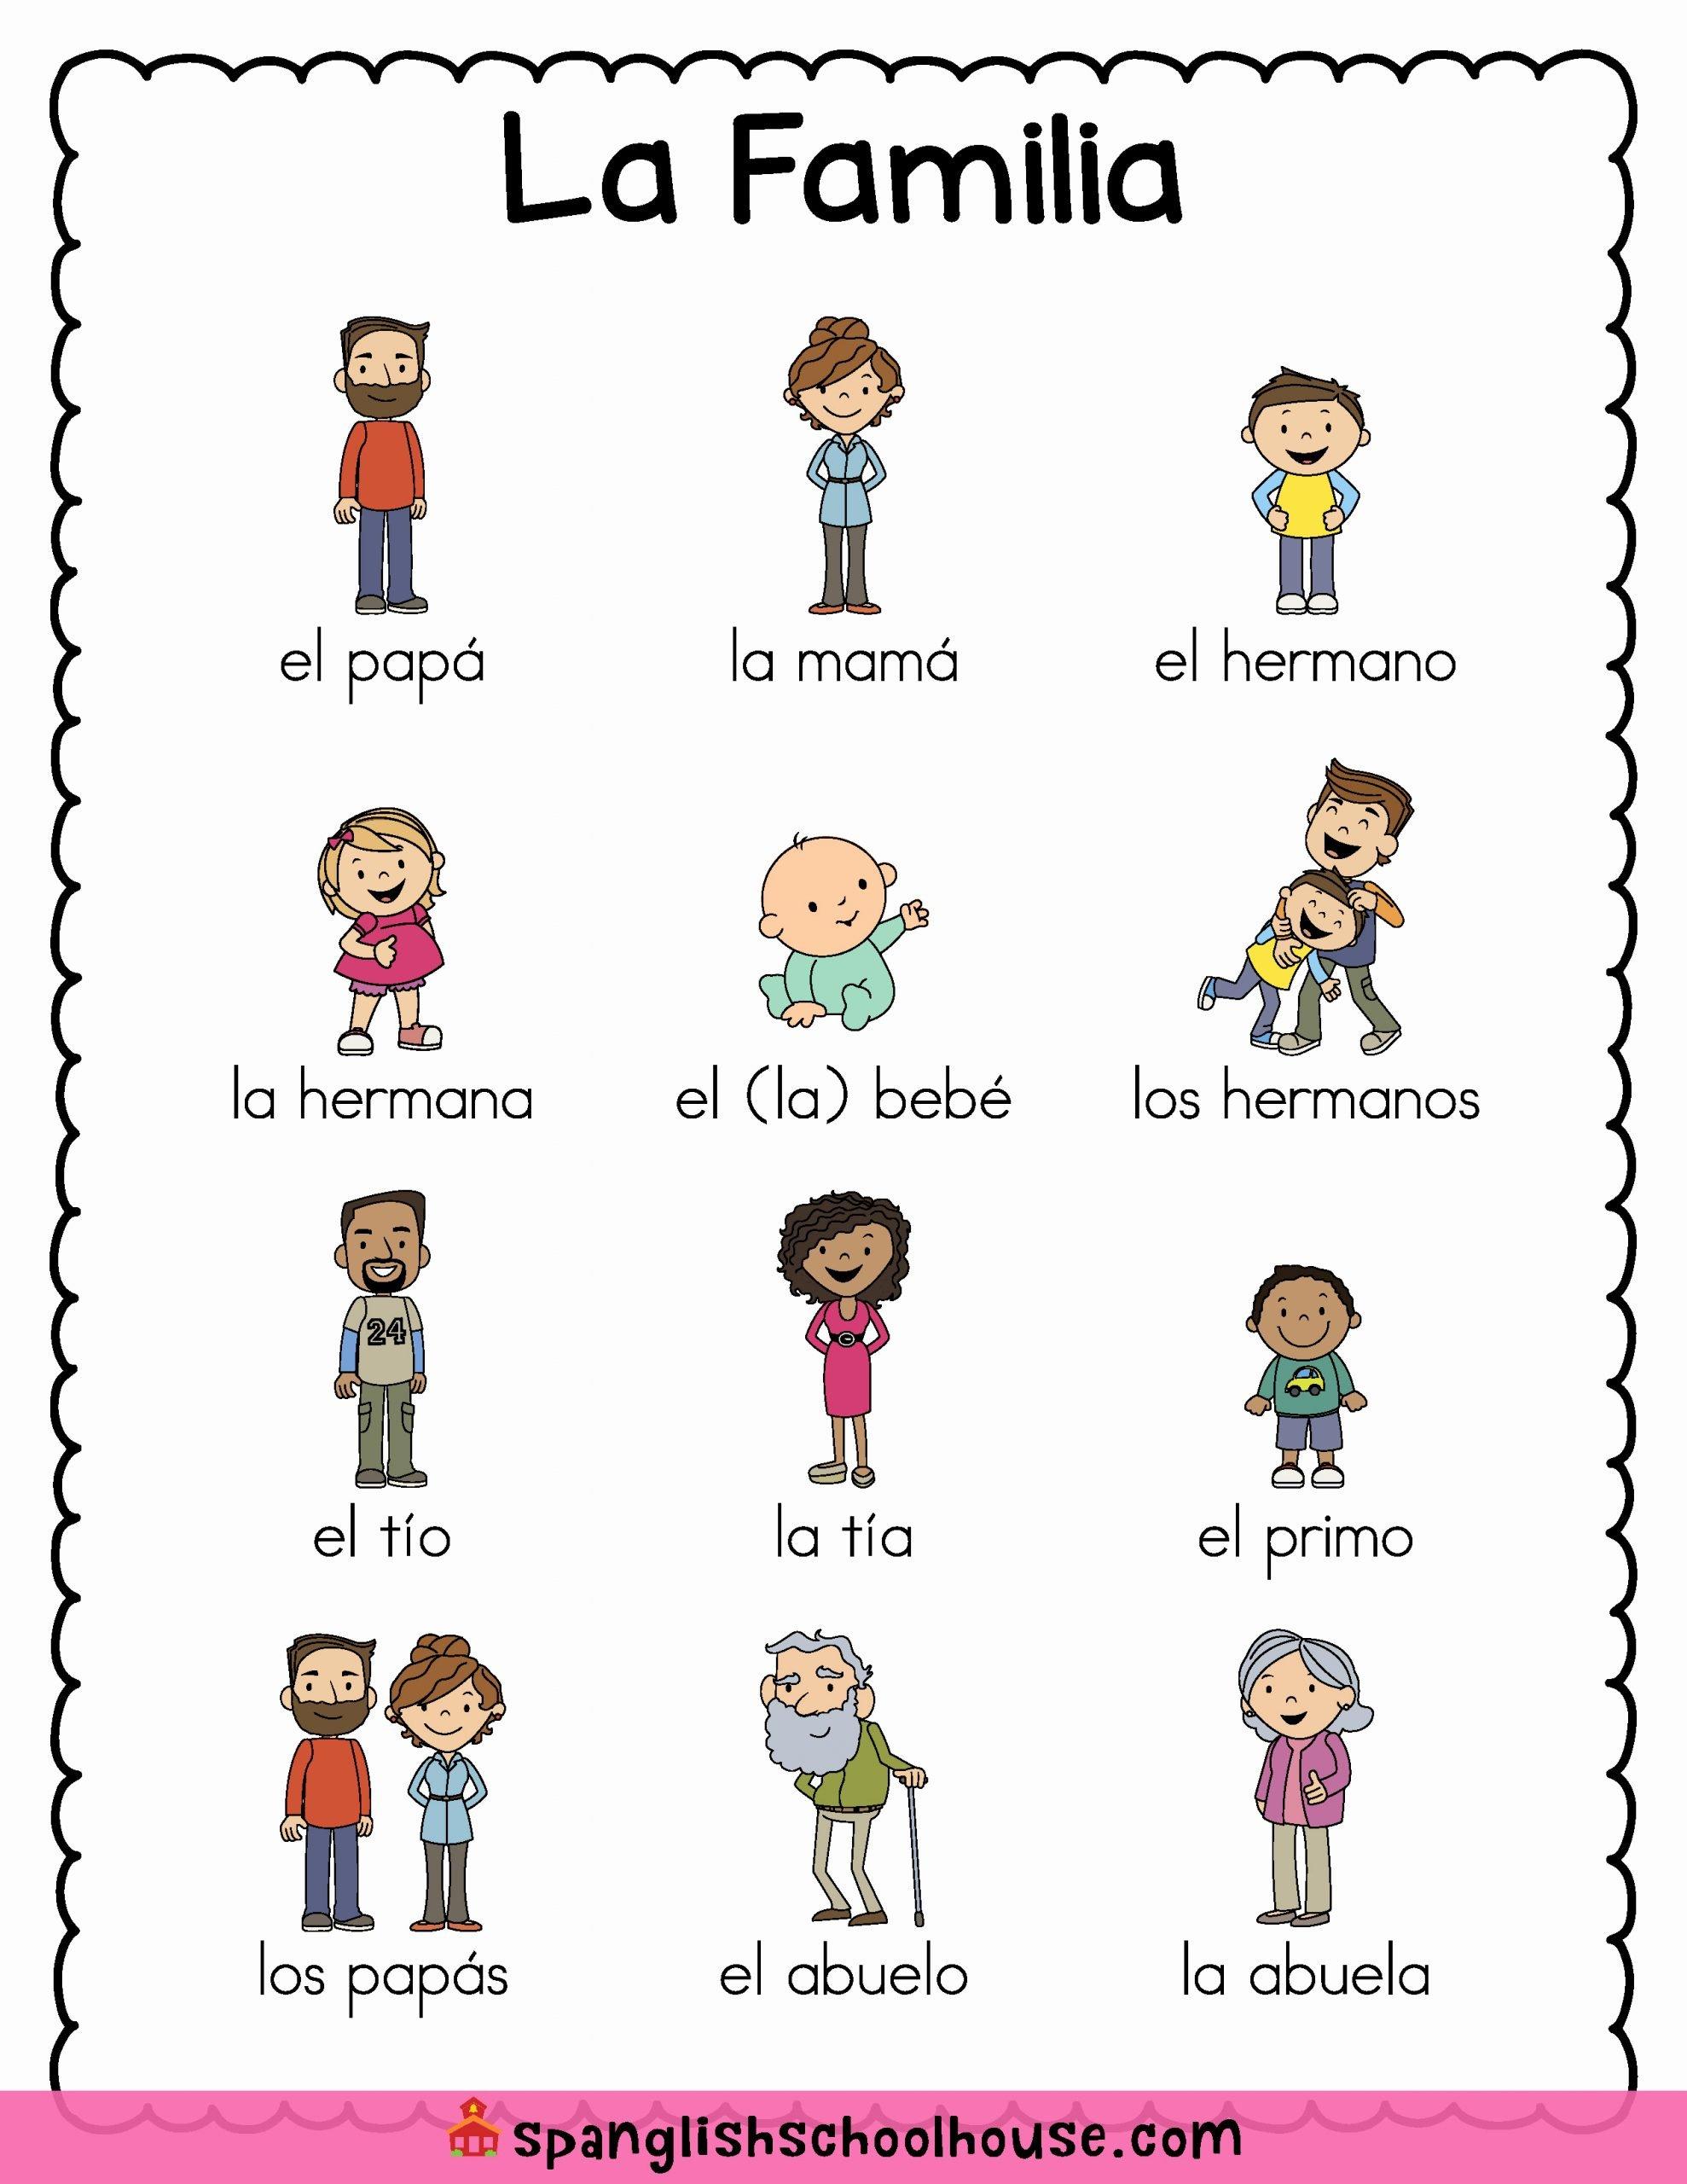 La Familia Worksheet In Spanish top La Familia Family Vocabulary In Spanish